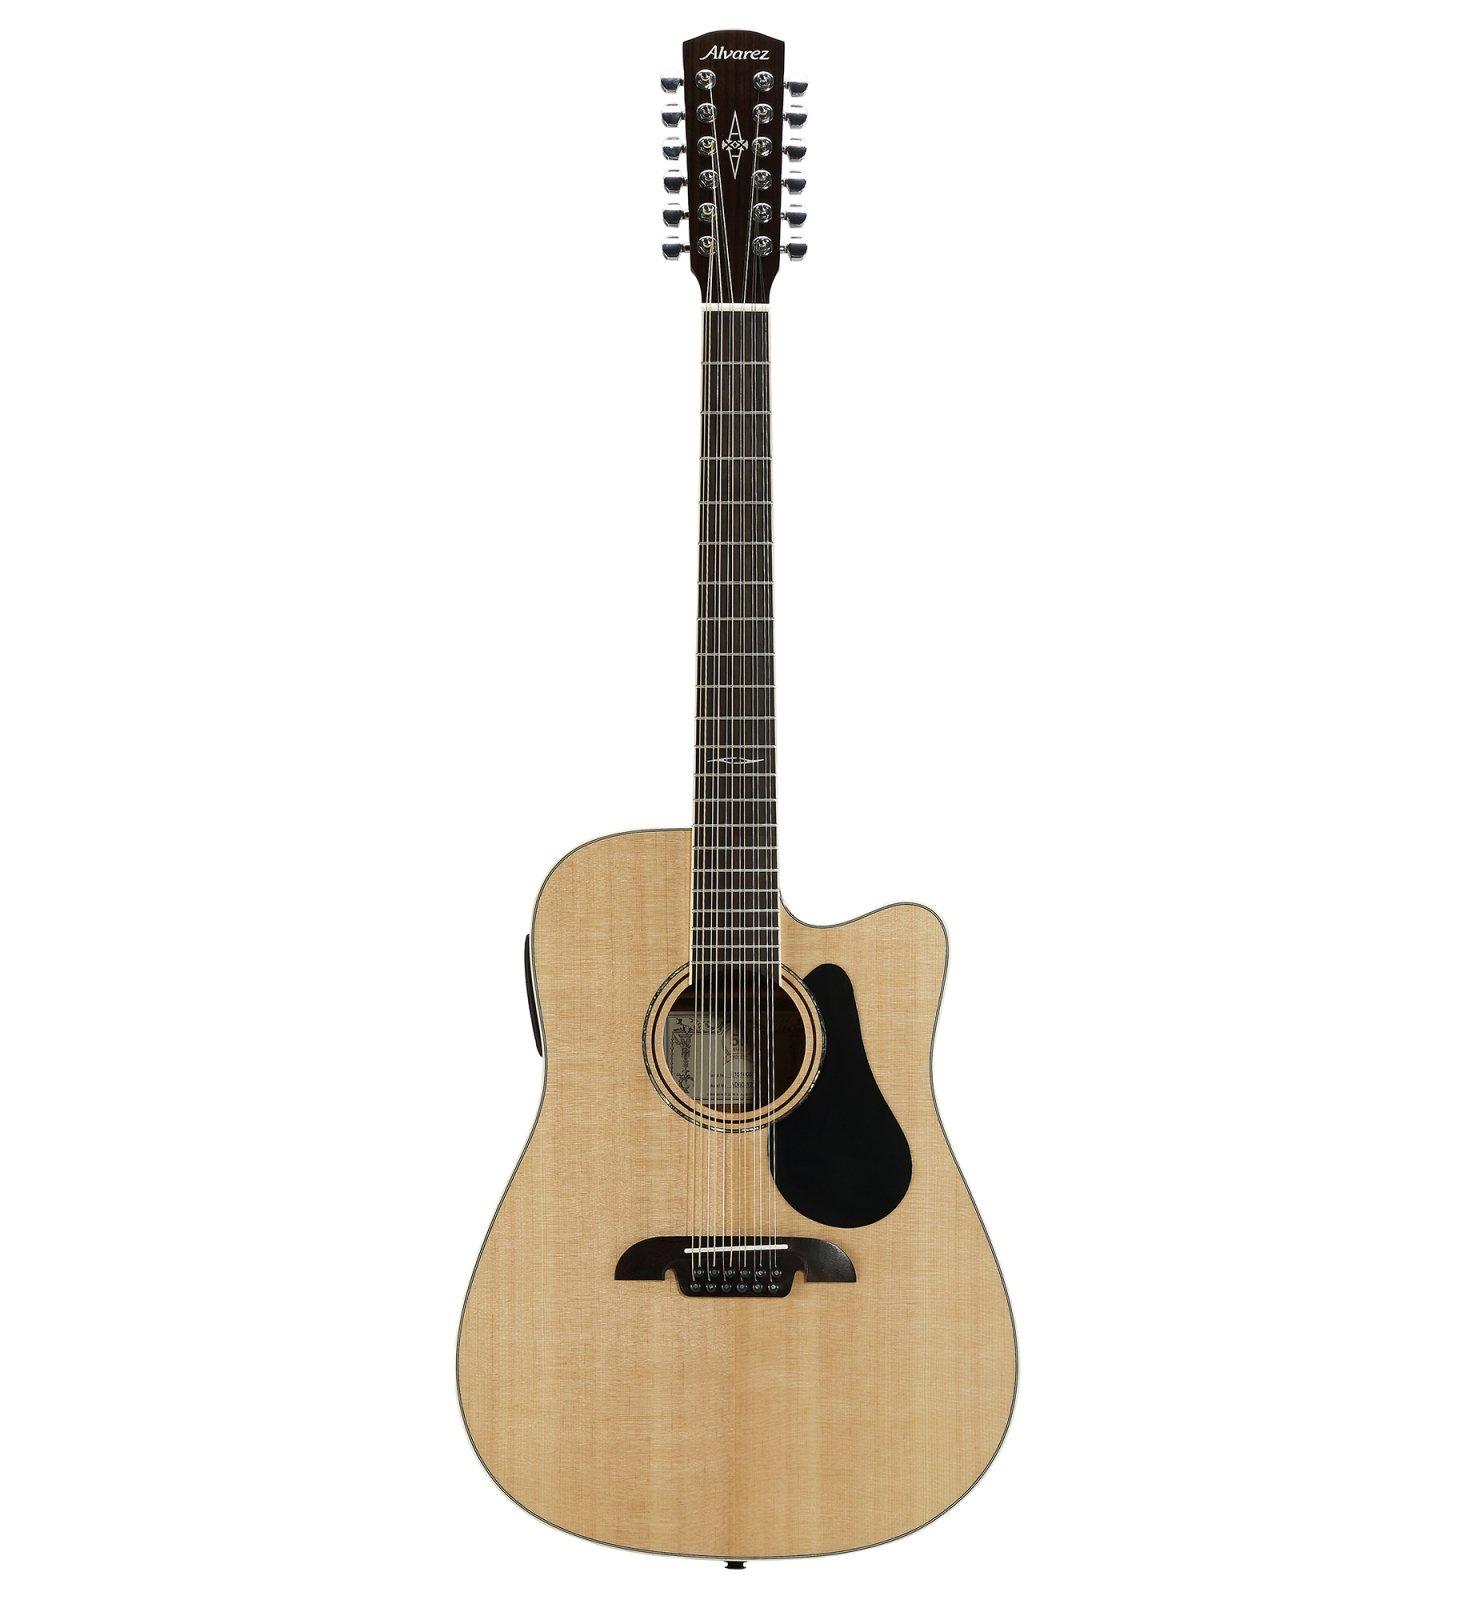 Alvarez AD60-12CE Dreadnought 12-String Acoustic/Electric Guitar